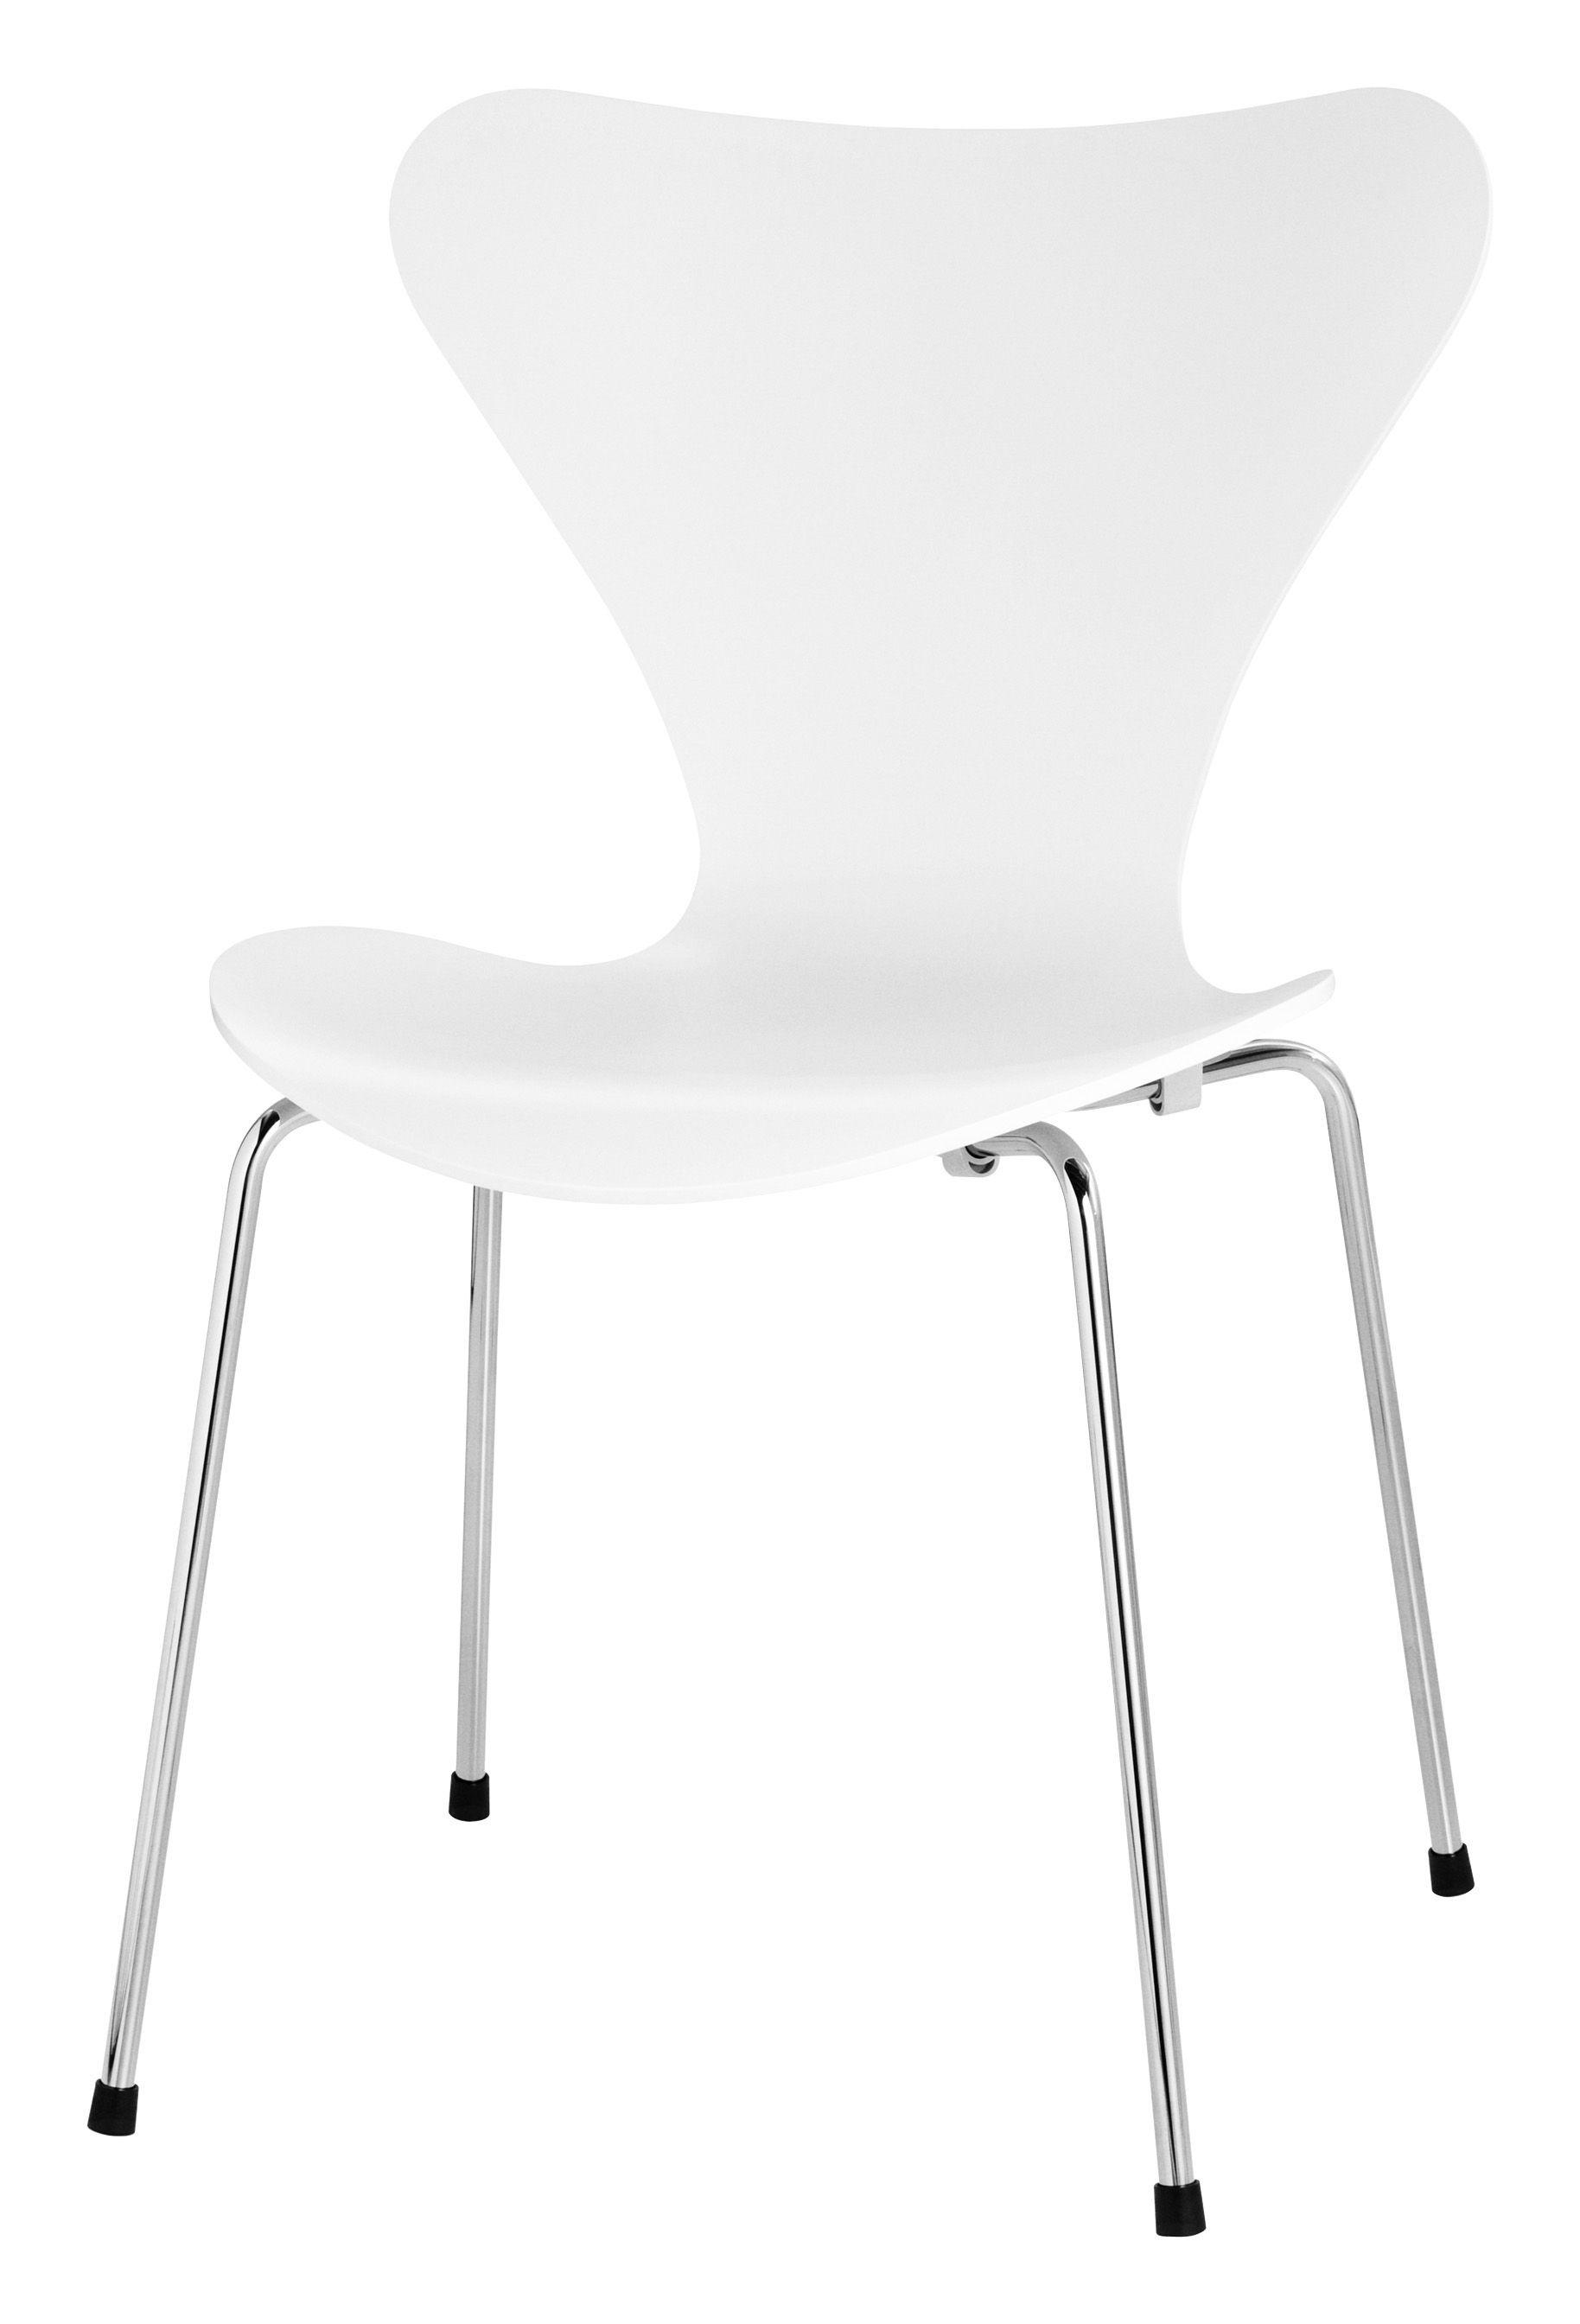 Möbel - Stühle  - Série 7 Stapelbarer Stuhl Esche - Fritz Hansen - Weiß gefärbte Esche - Esche, Stahl